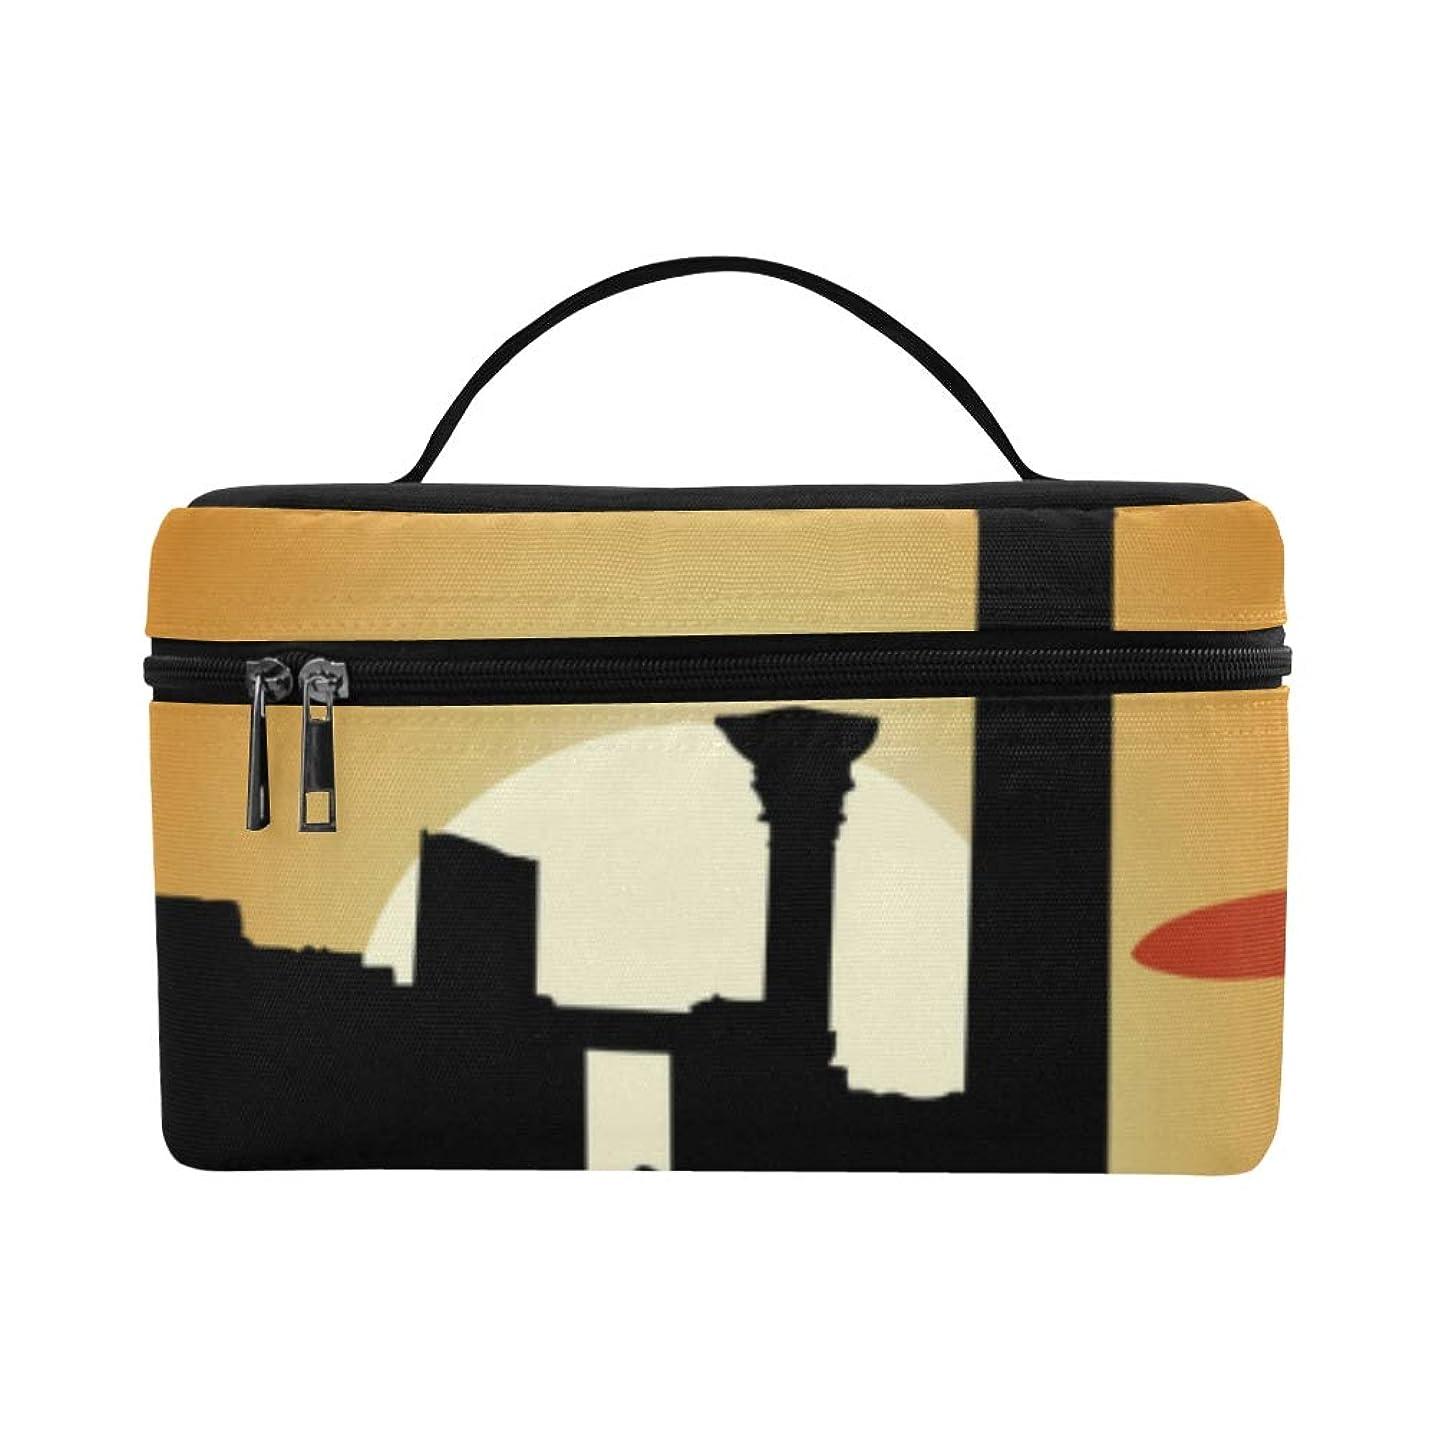 しばしば不条理楽観GXMAN メイクボックス ローマの建築 コスメ収納 化粧品収納ケース 大容量 収納ボックス 化粧品入れ 化粧バッグ 旅行用 メイクブラシバッグ 化粧箱 持ち運び便利 プロ用